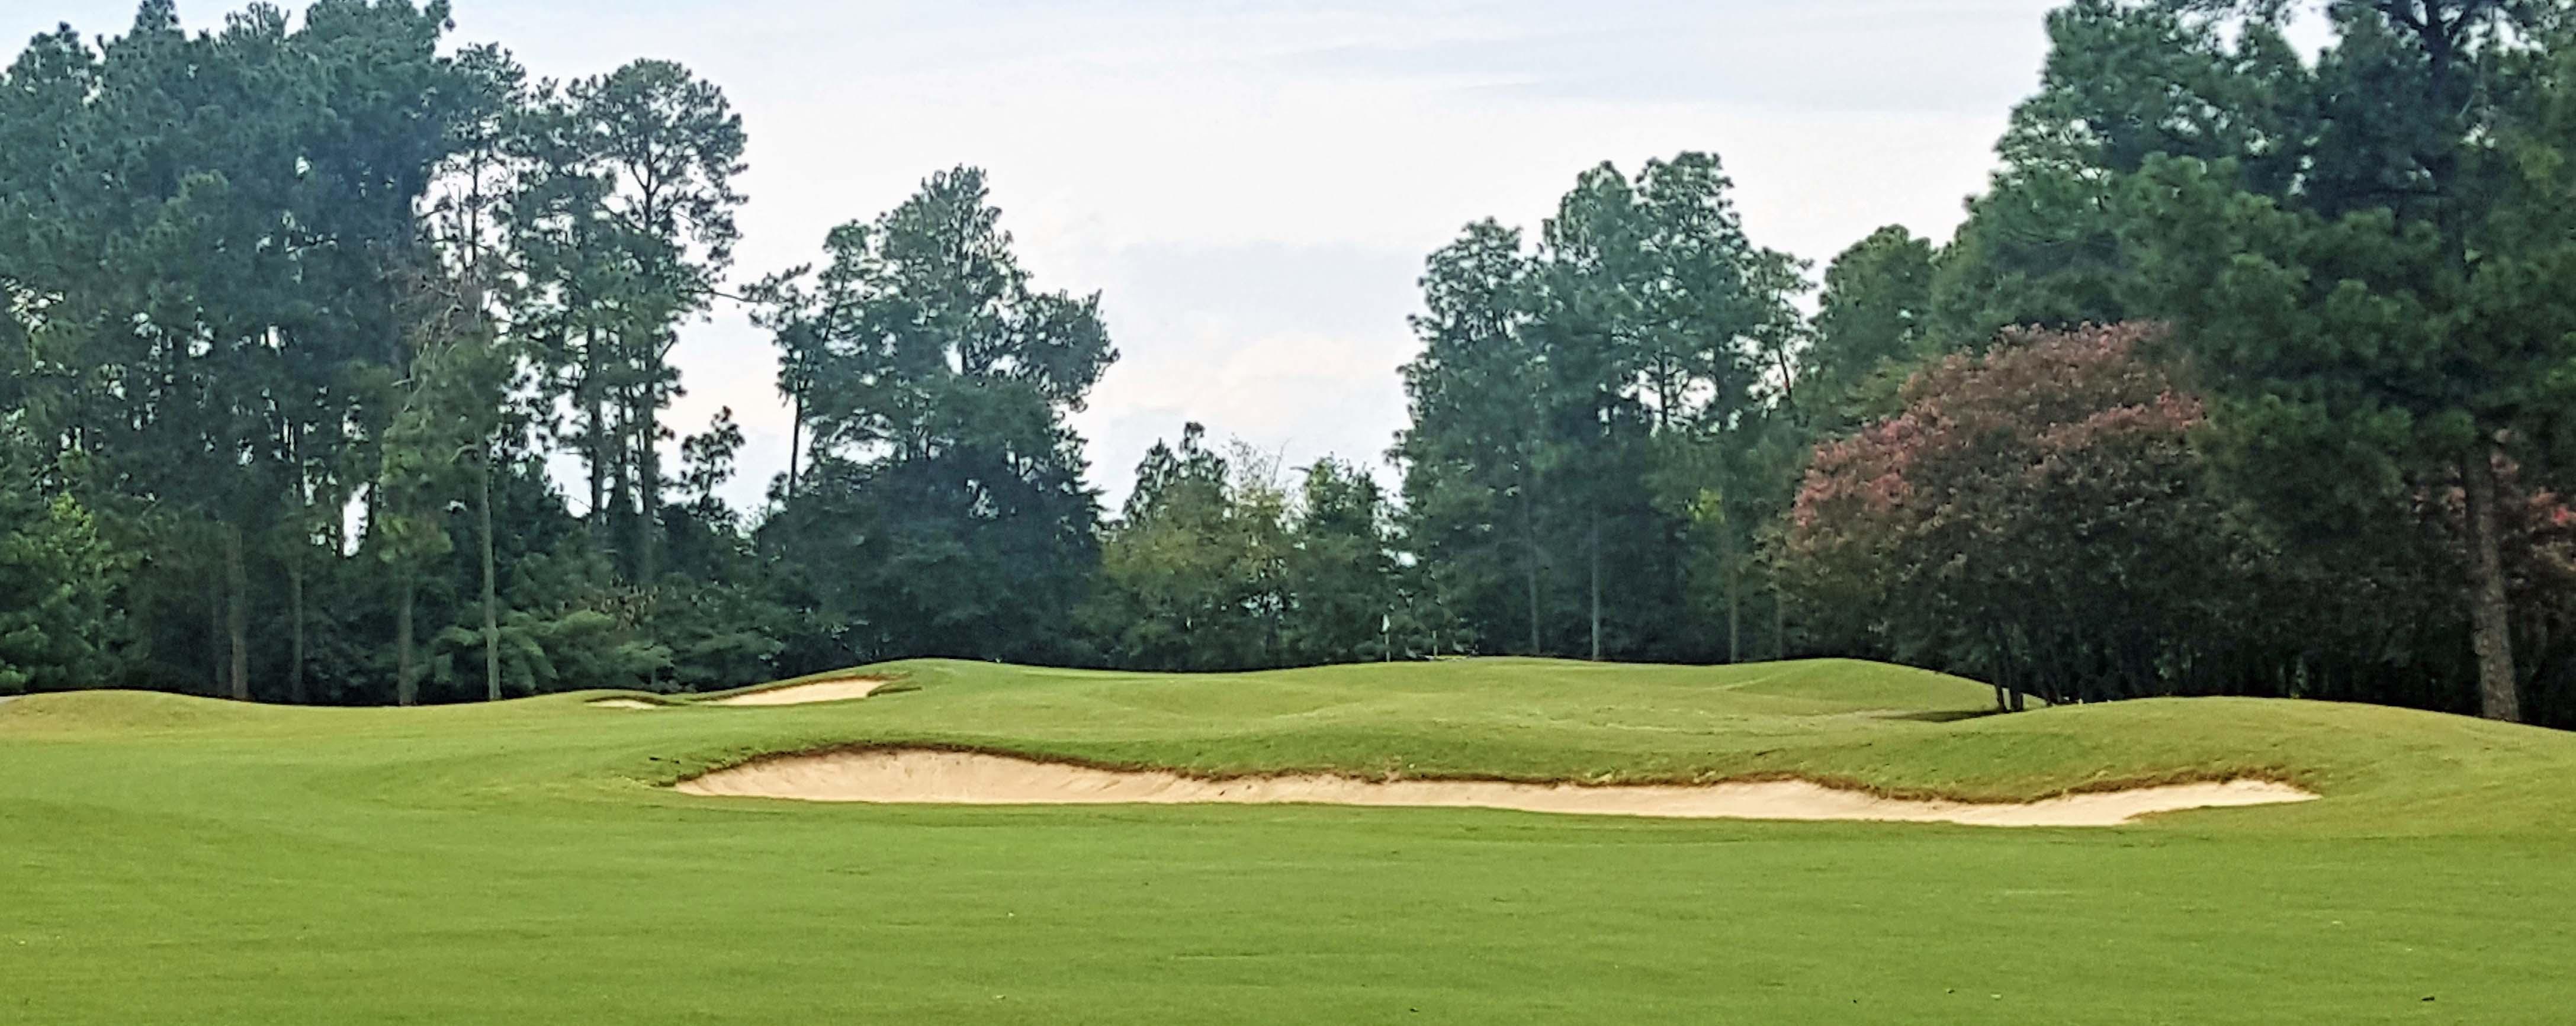 Forest Hill Golf Club